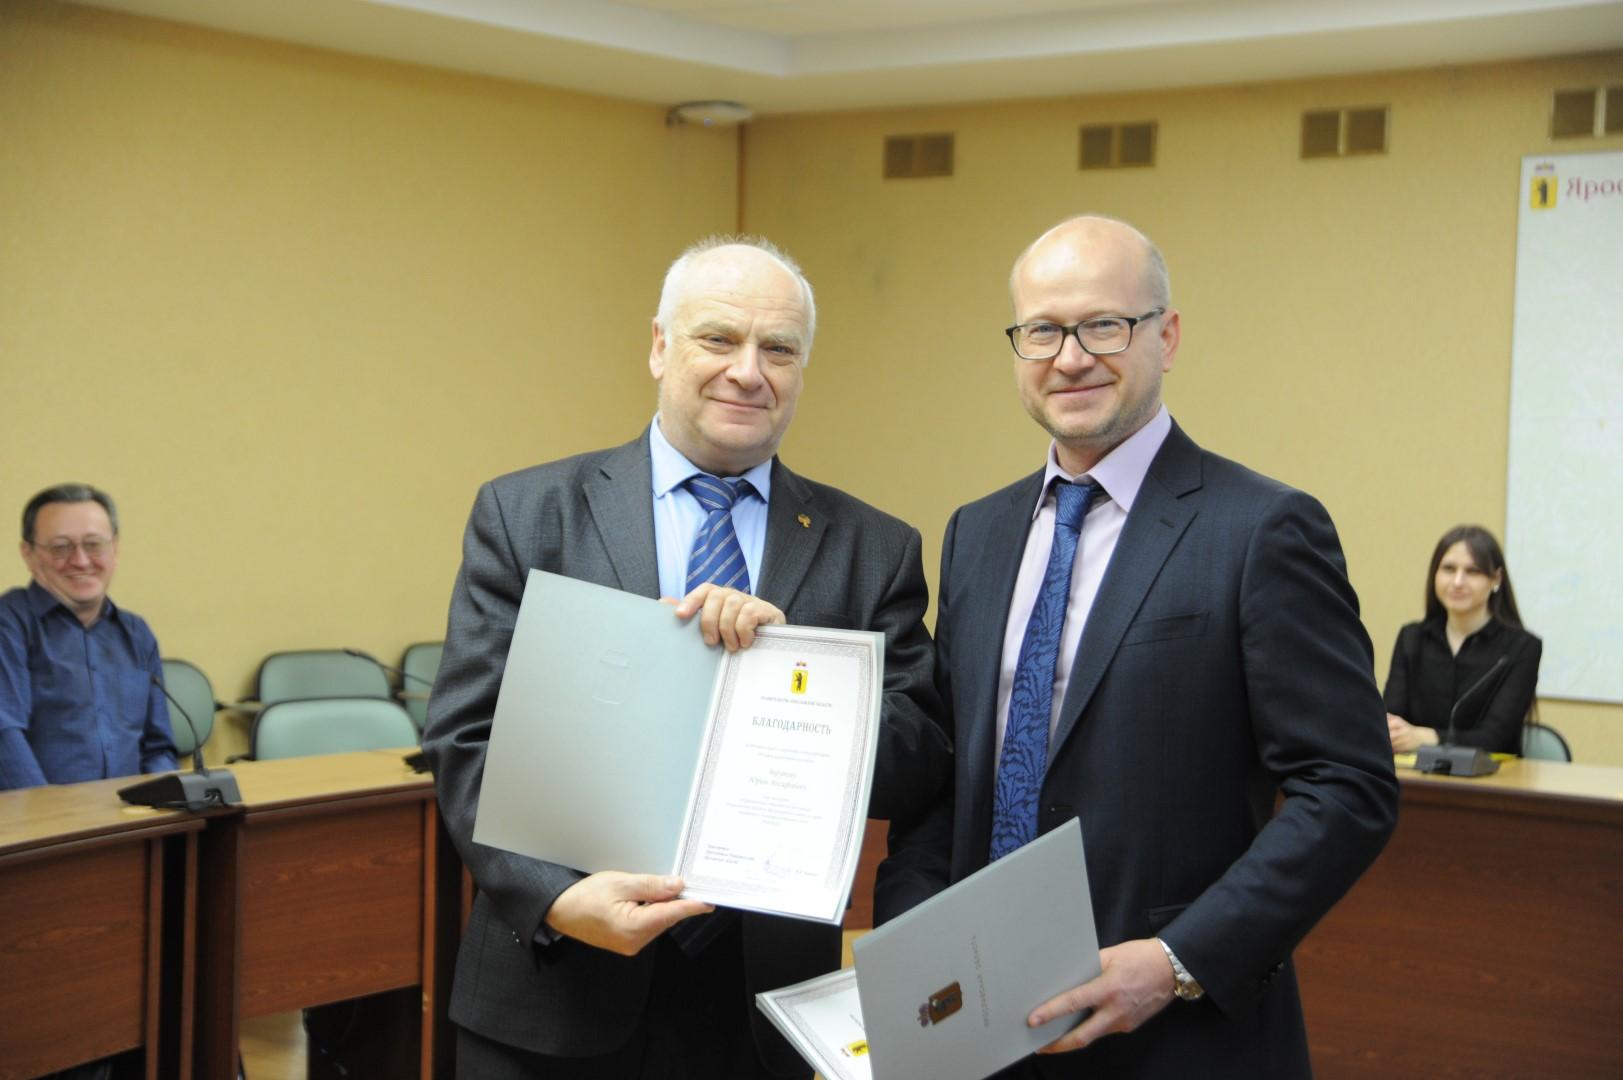 Представителям общественности вручили награды за вклад в сохранение объектов культурного наследия